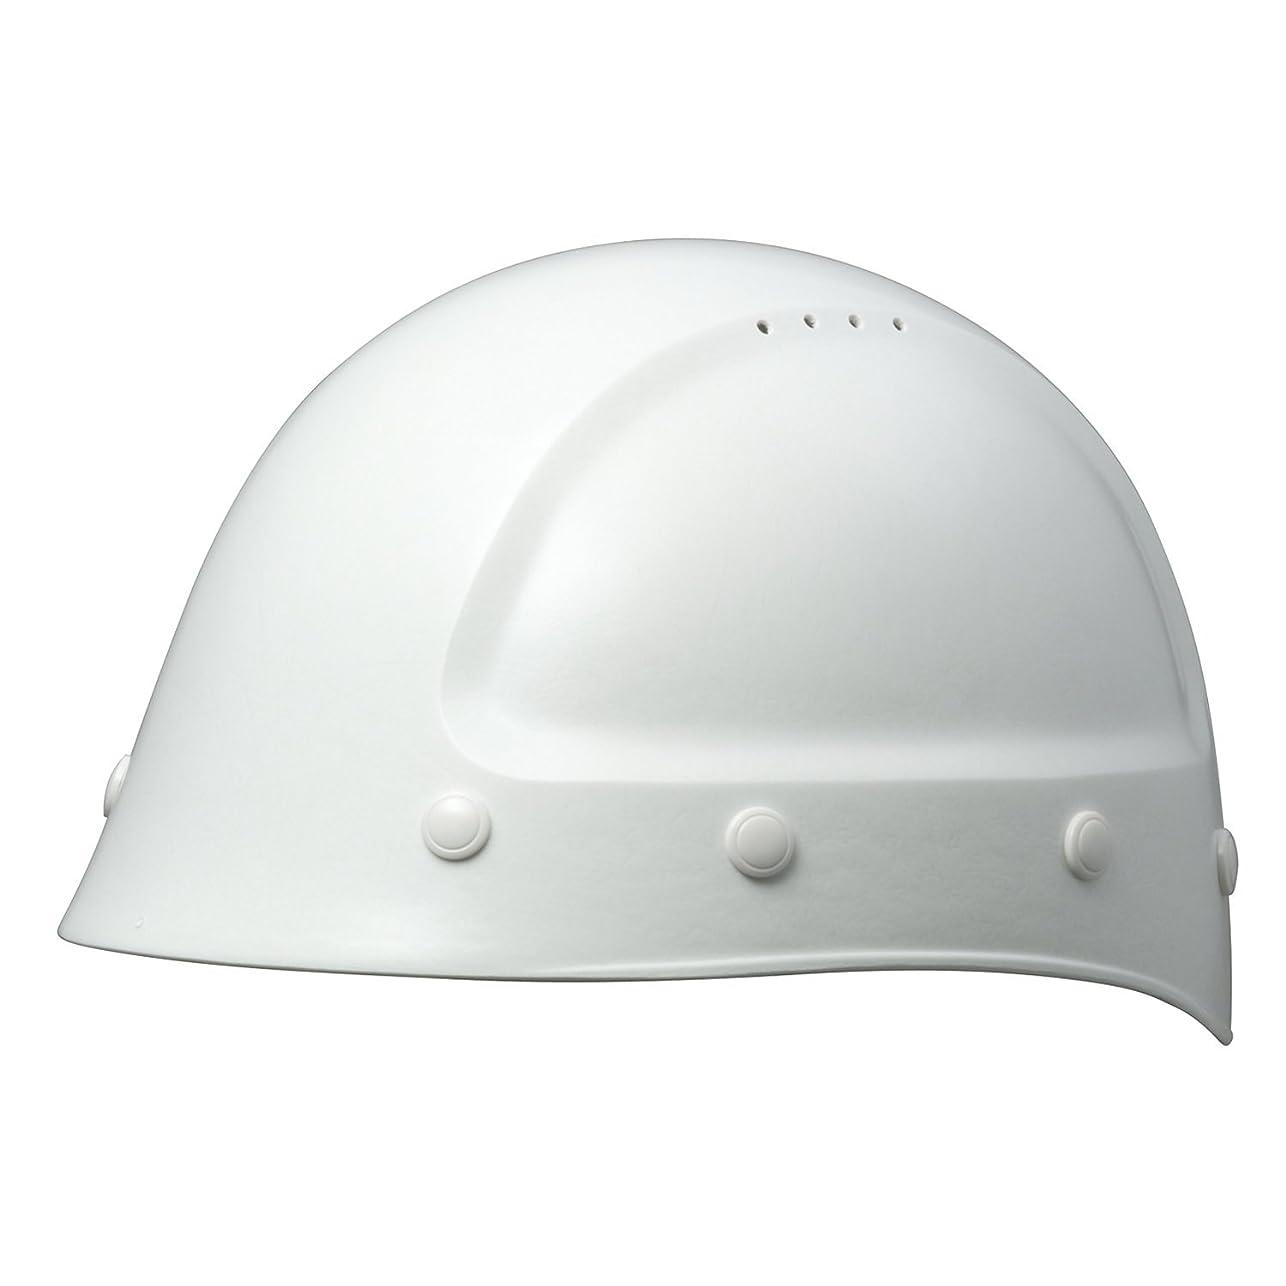 不確実暗くするアボートミドリ安全 ヘルメット 一般作業用 熱場作業用 SC-7FV KPなし ホワイト